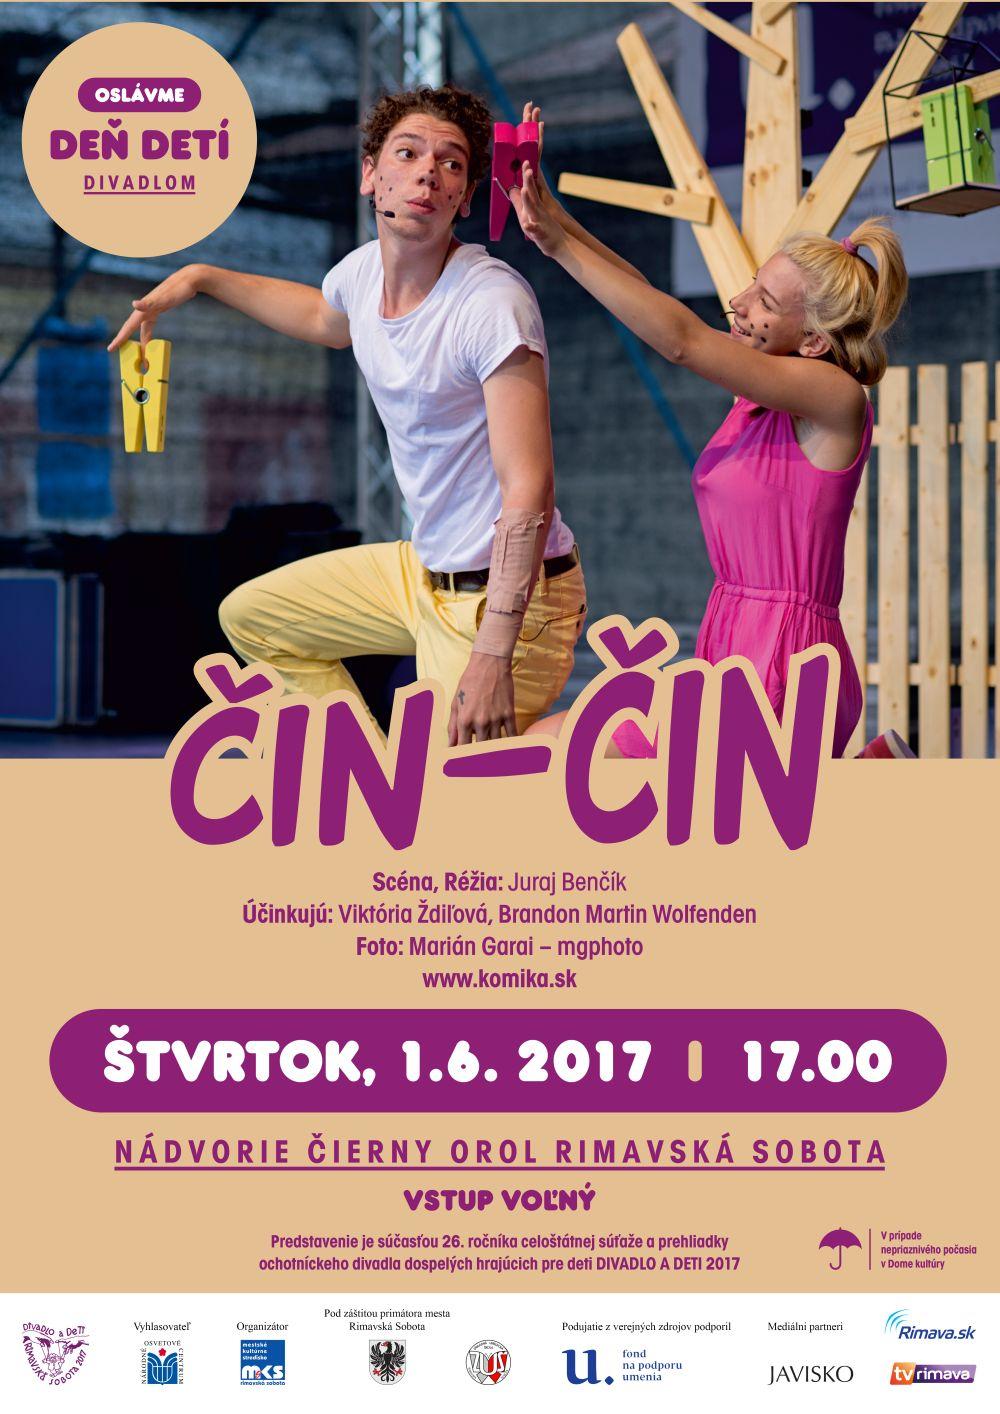 Deň detí - predstavenie Čin-Čin @ Nádvorie Čierny orol, Rimavská Sobota | Slovensko